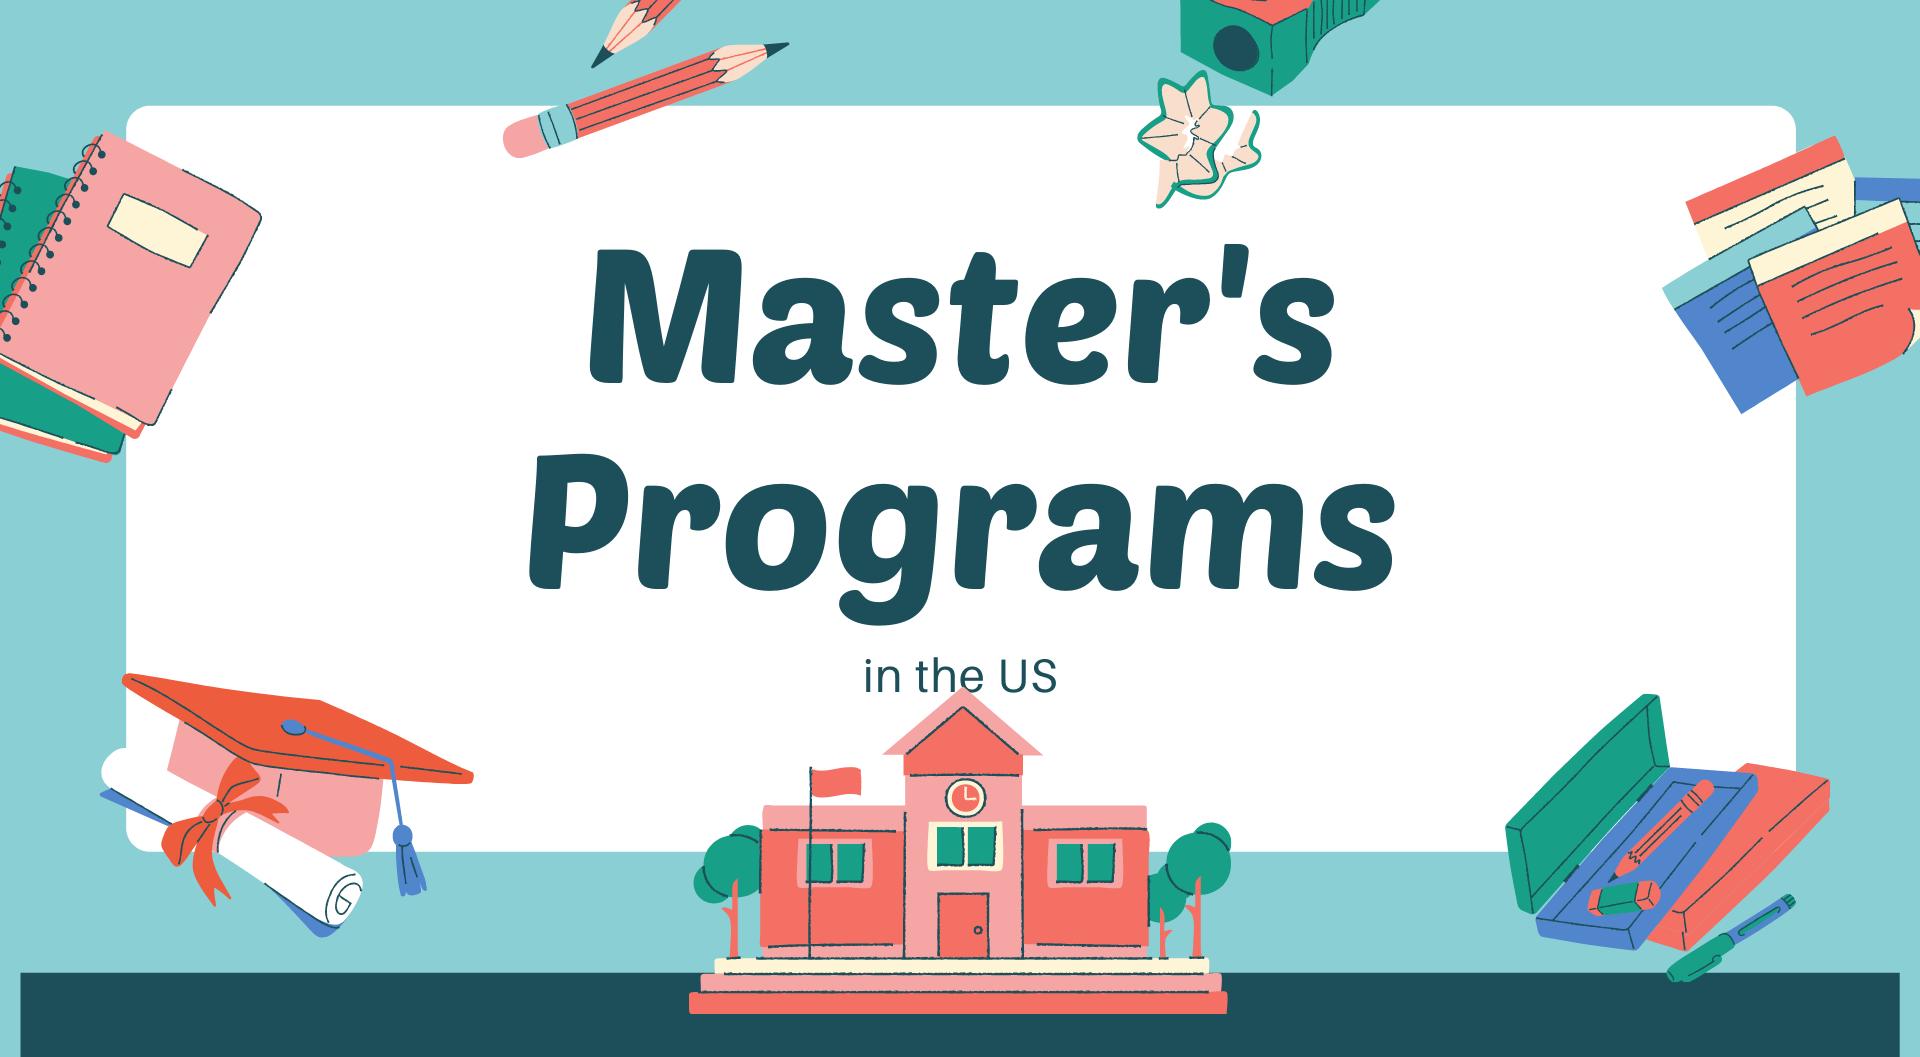 Master's Programs